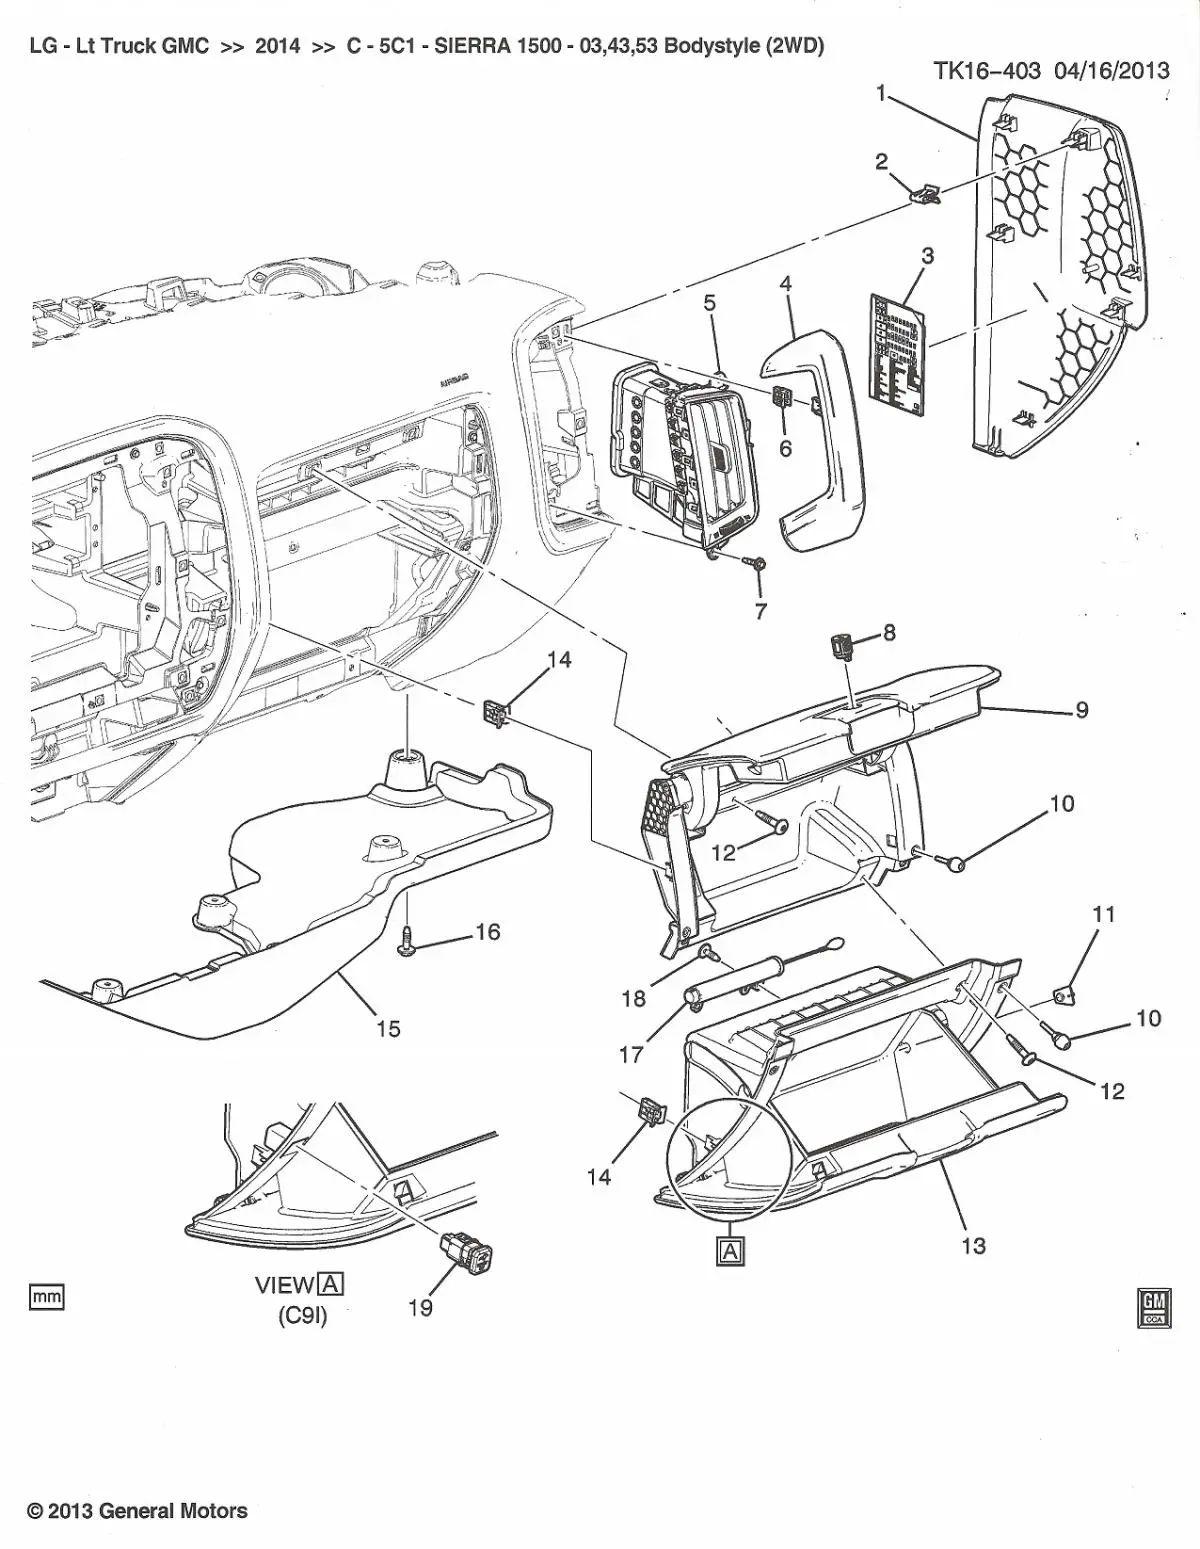 2014 parts diagrams service manual 2014